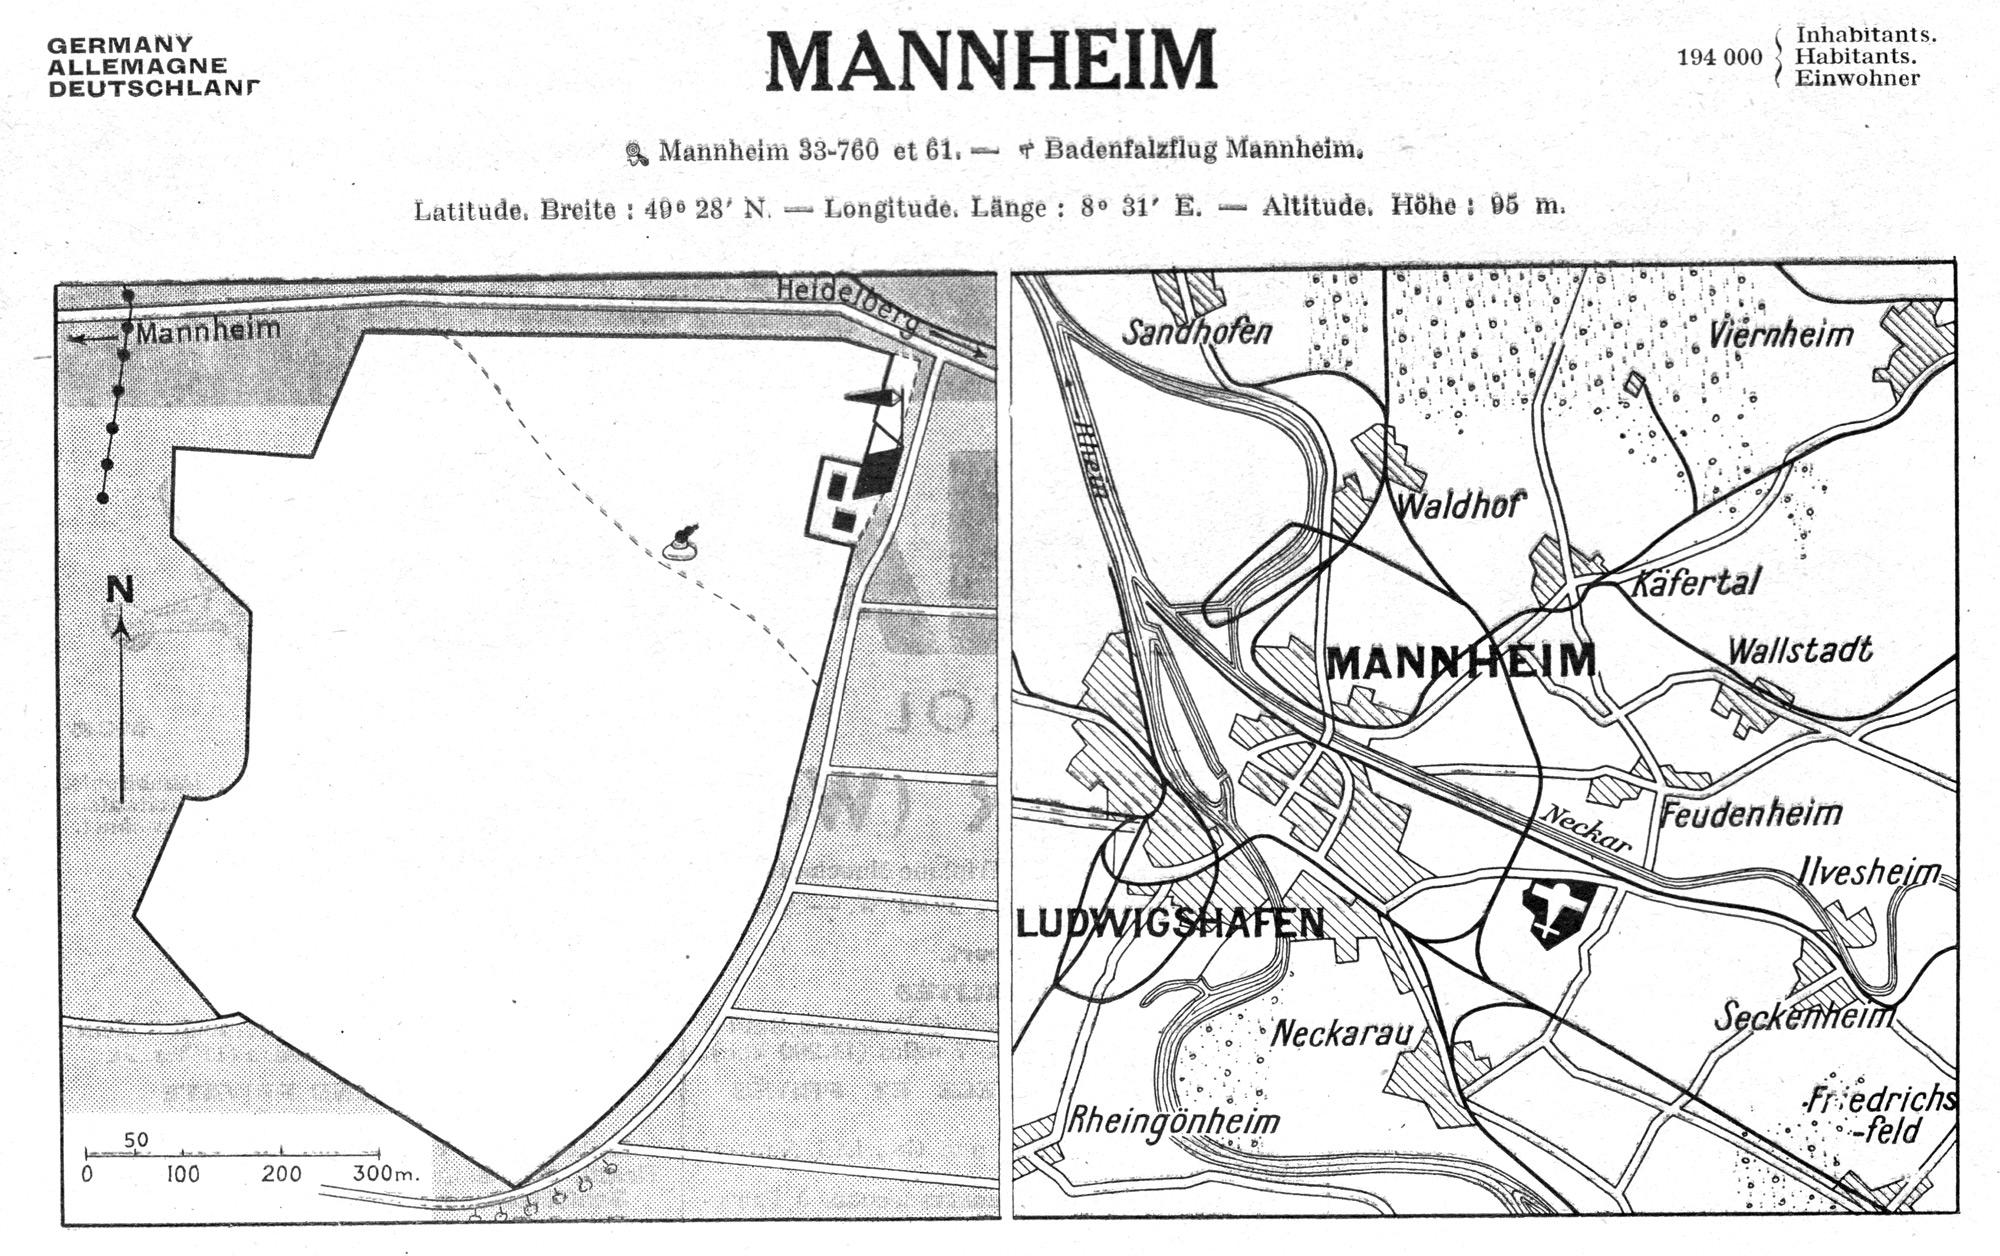 Historische Karte Flughafen Mannheim